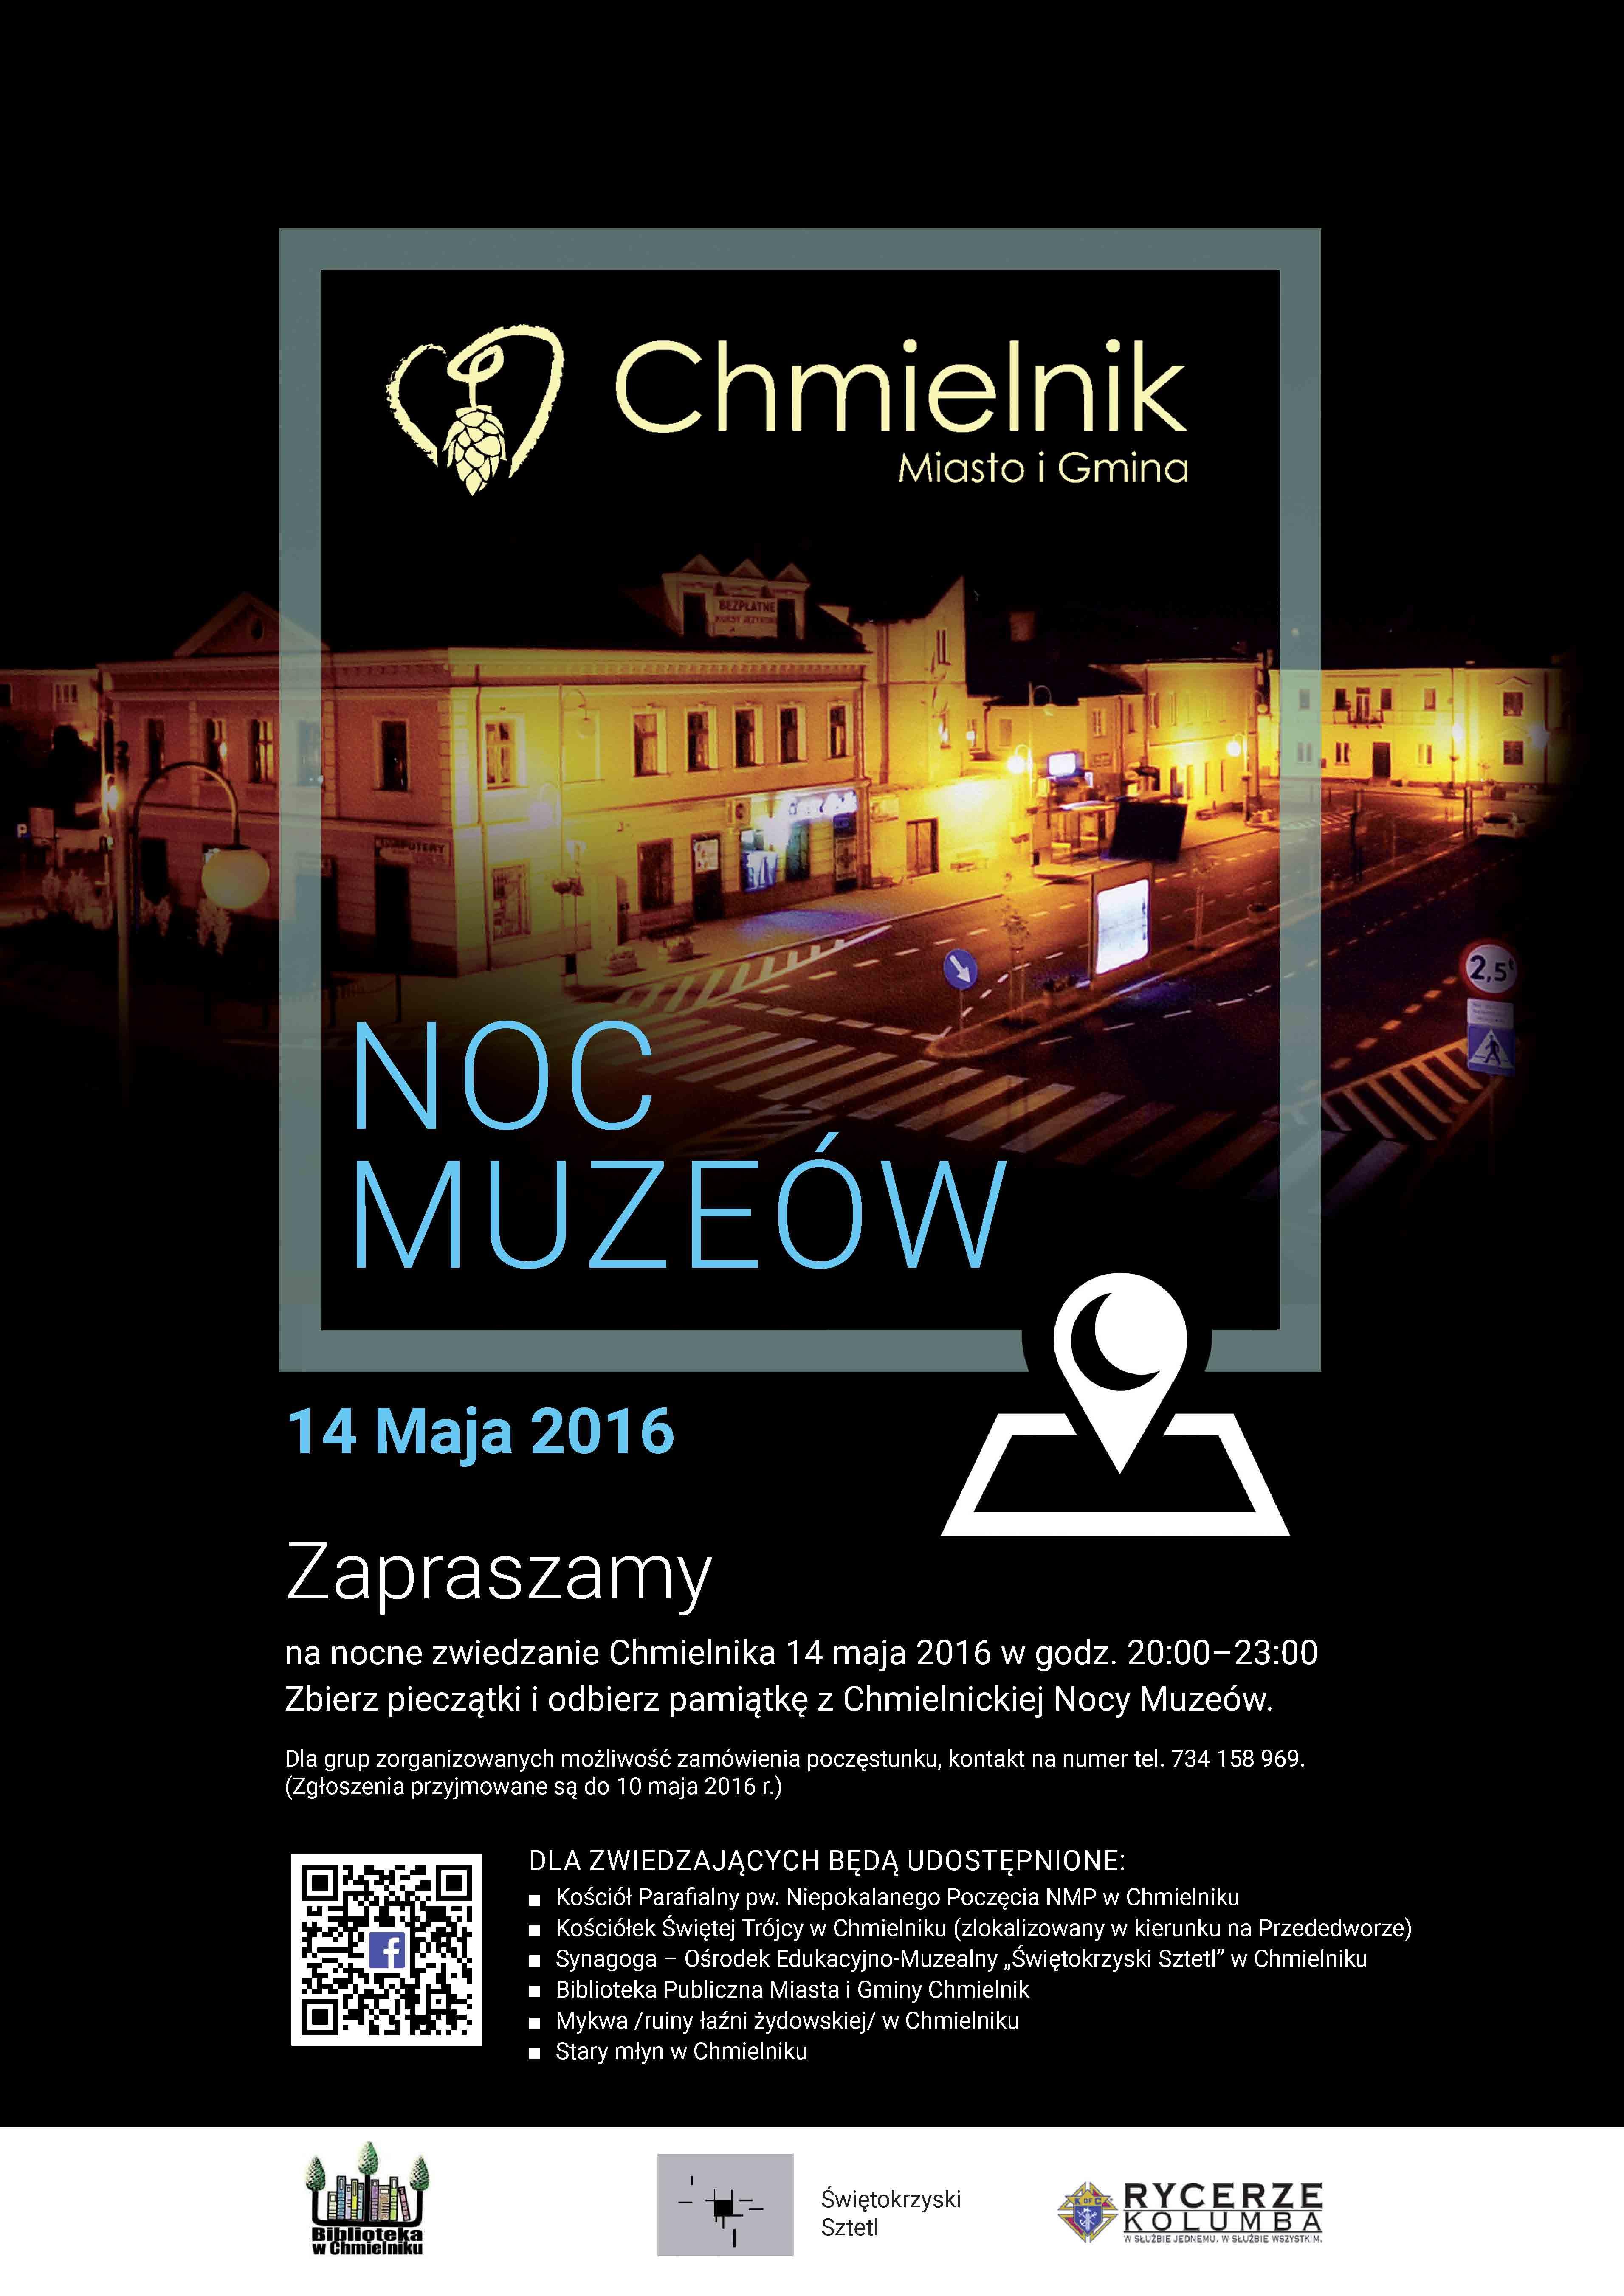 - chmielnik_noc_muzeow_2016_plakat_poprawiony_druk.jpg